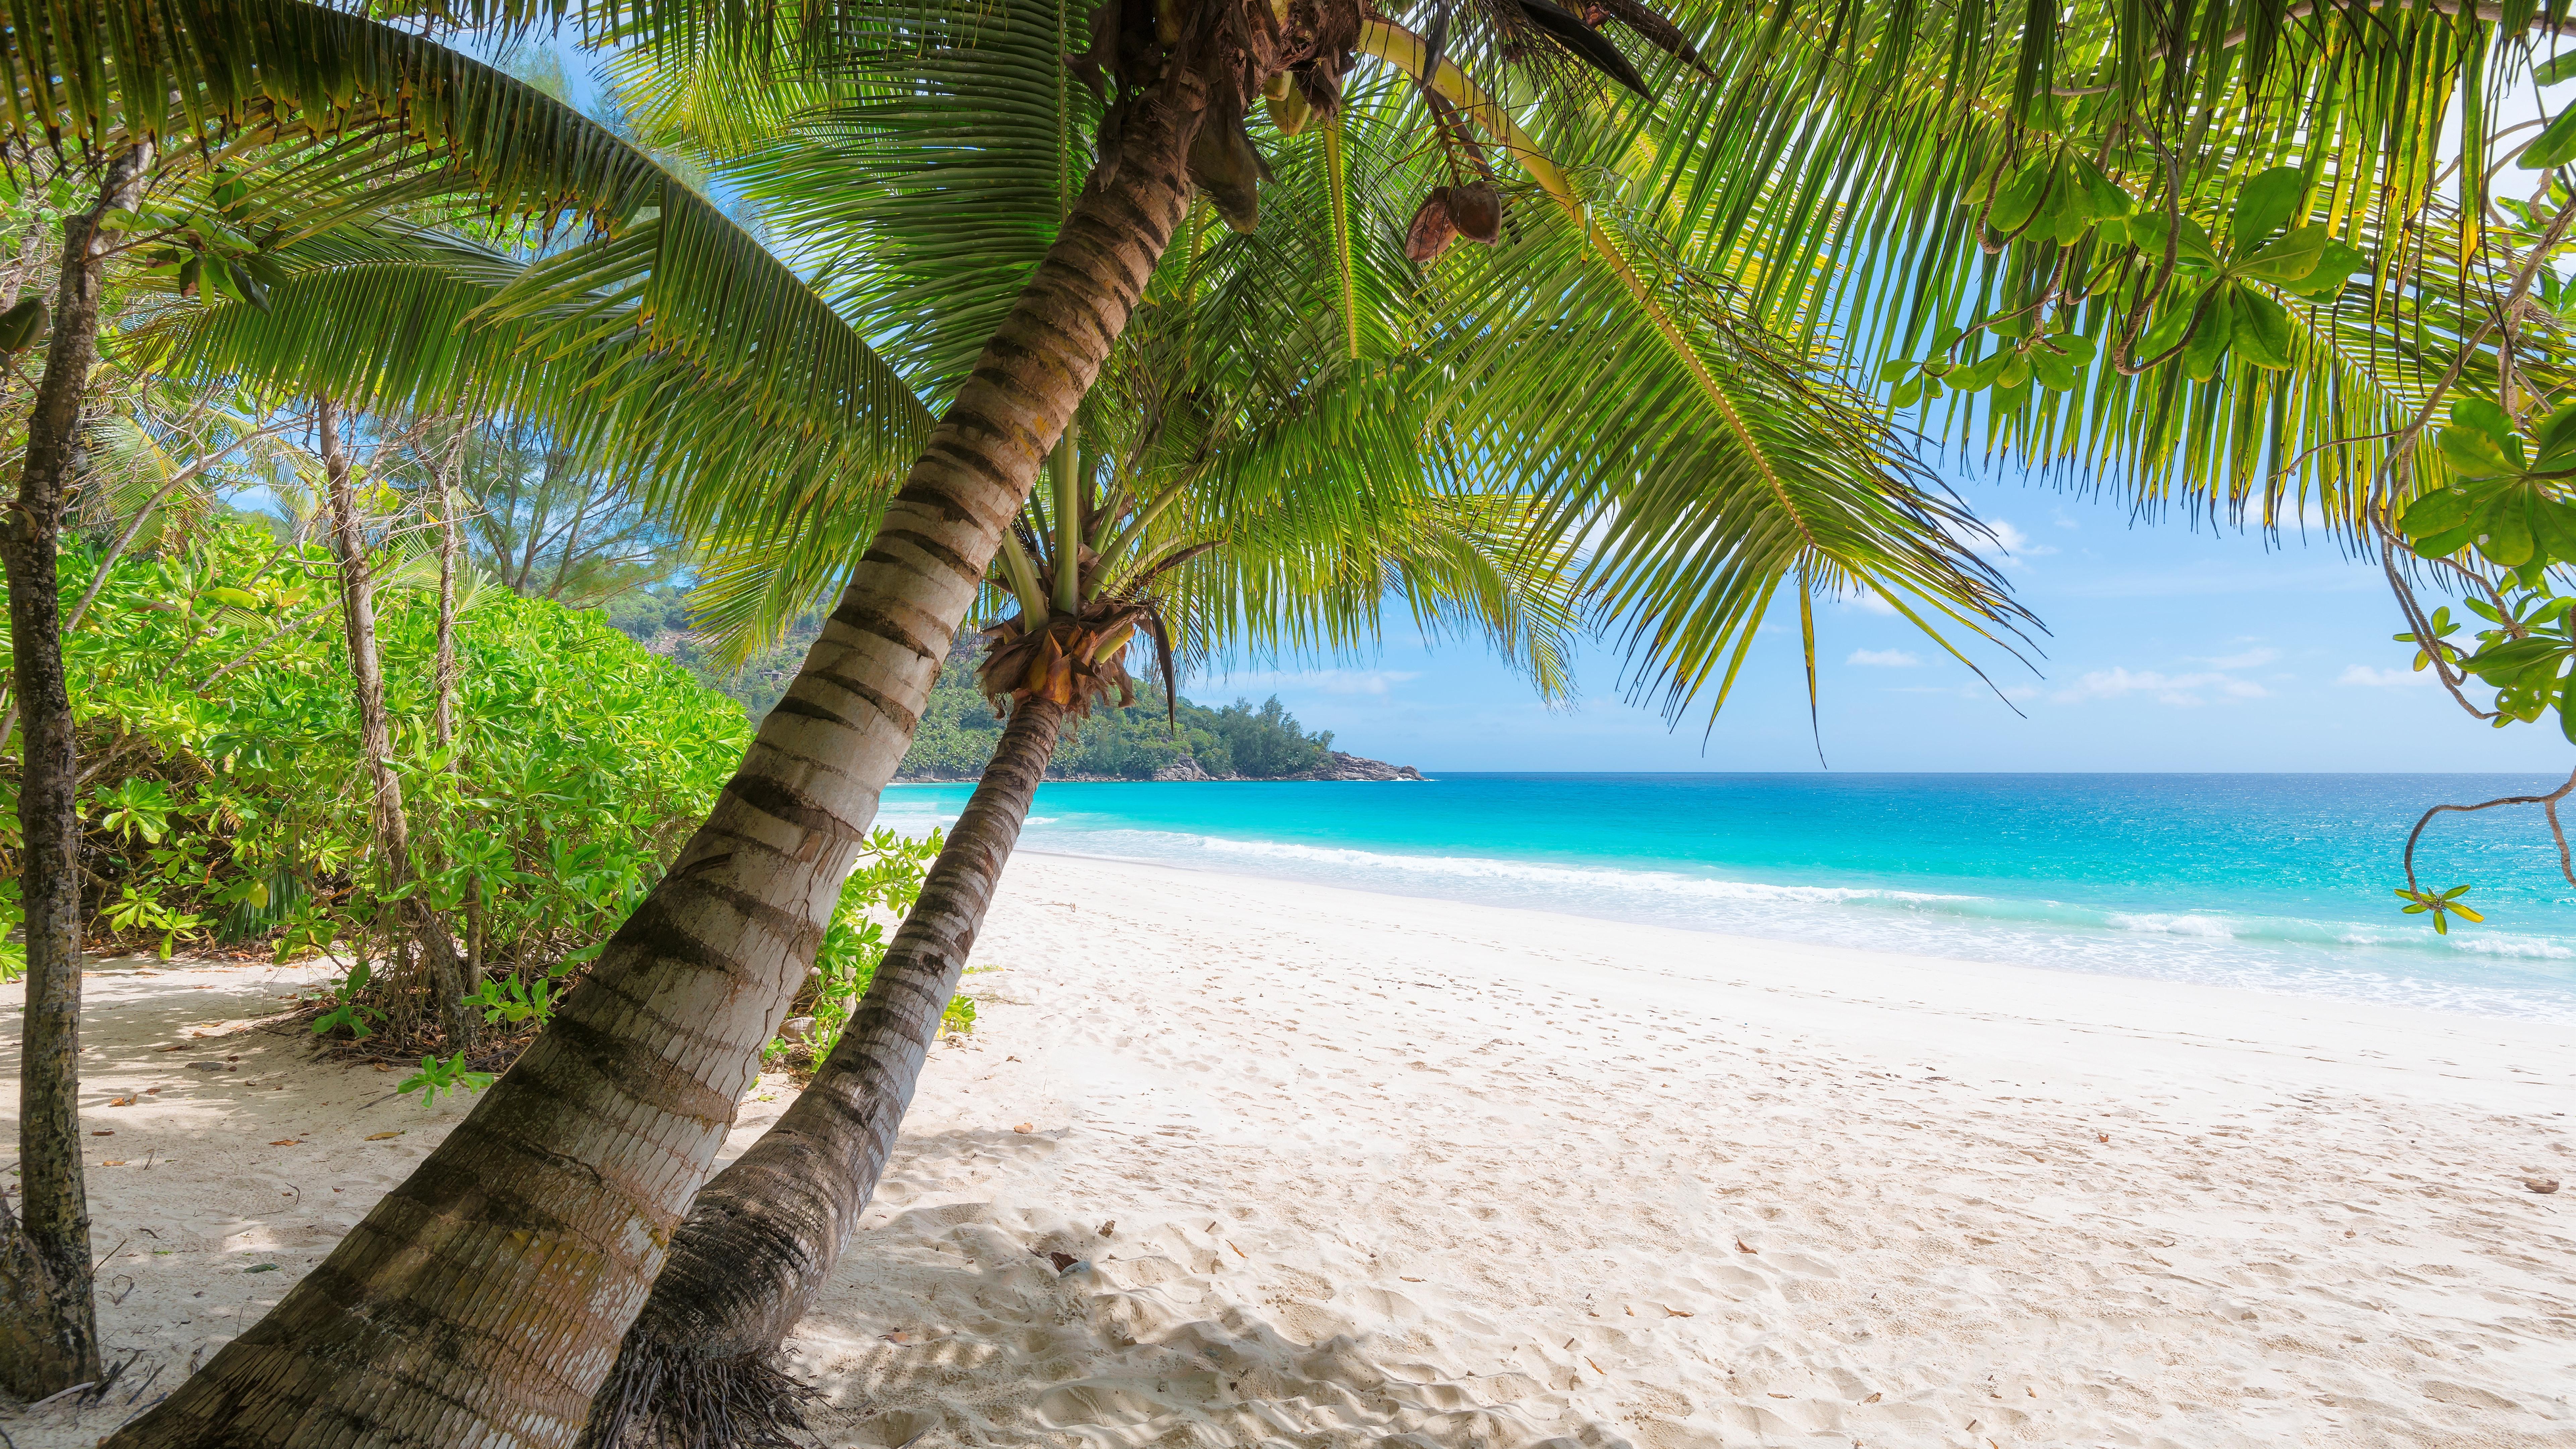 Wallpaper Palm Trees, Beach, Sea, Tropical, Summer - Palm Tree Trunk Beach - HD Wallpaper